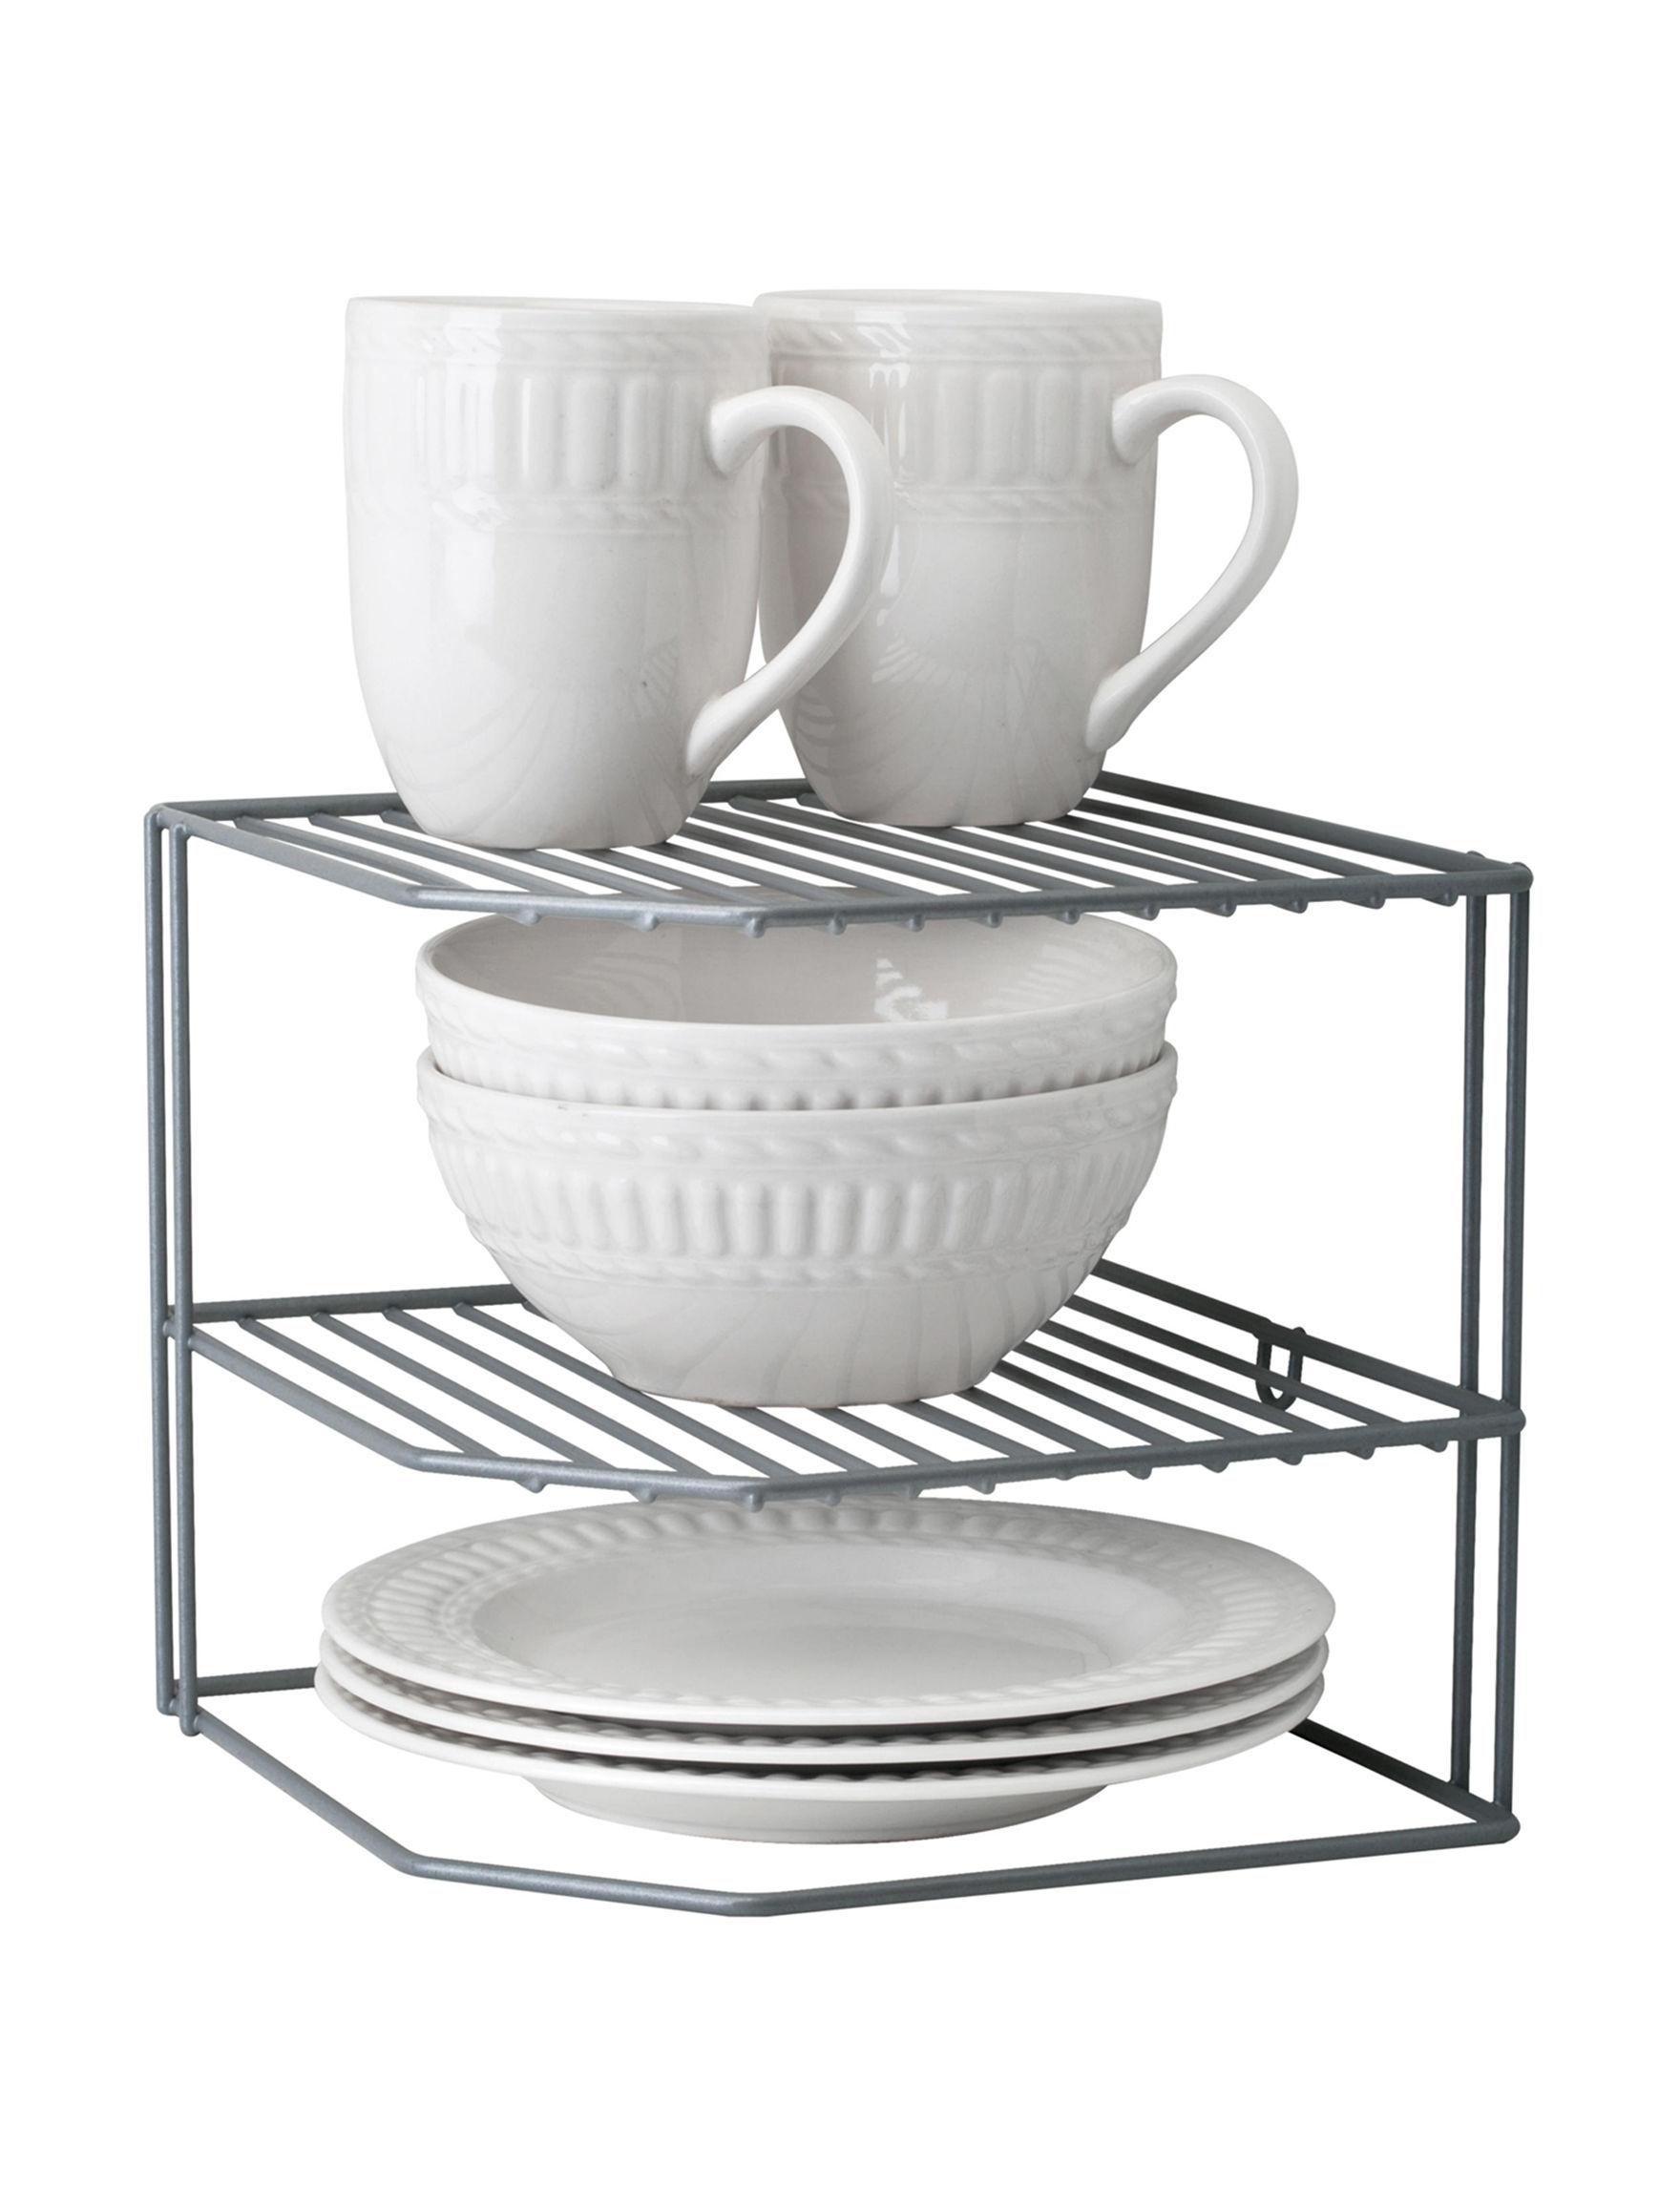 Kitchen Details Grey Kitchen Storage & Organization